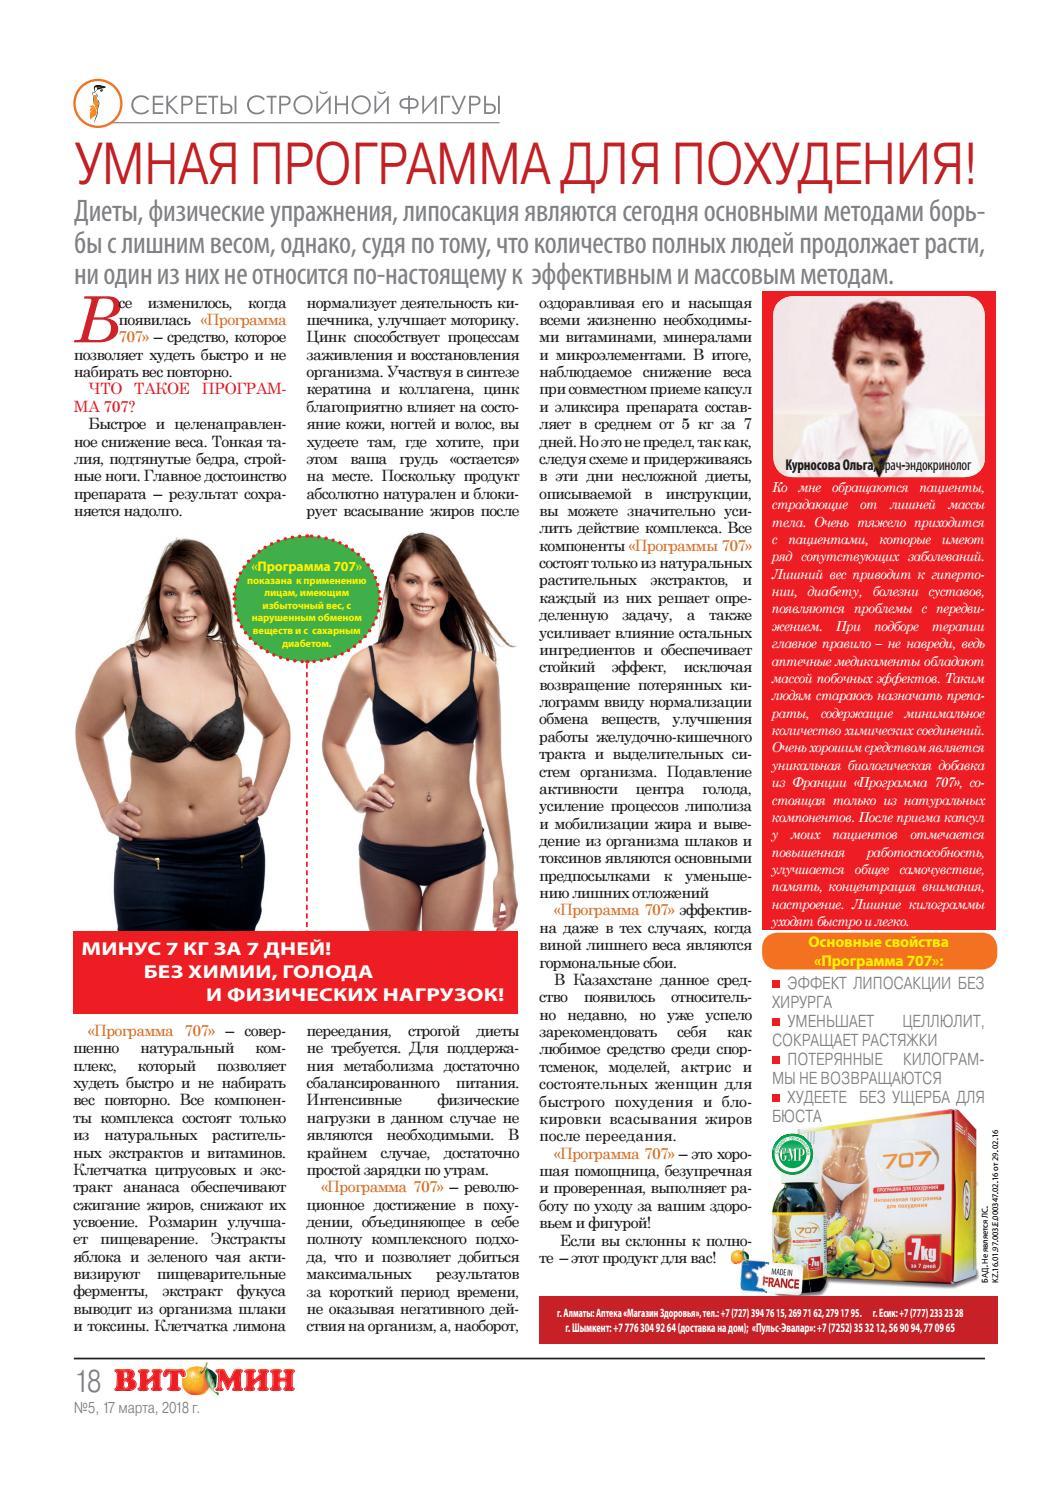 Описание Быстрое Похудение. Как похудеть быстро и эффективно